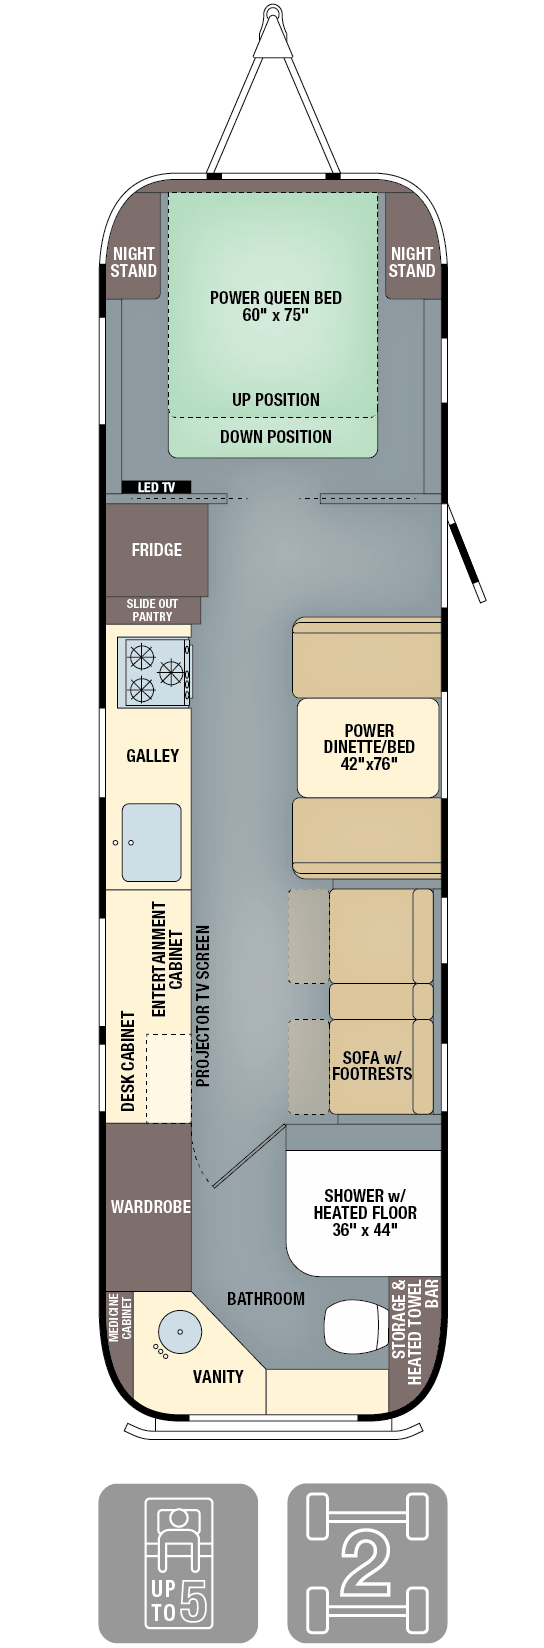 Floorplans Classic Travel Trailers Airstream Travel Trailer Floor Plans Airstream Airstream Living